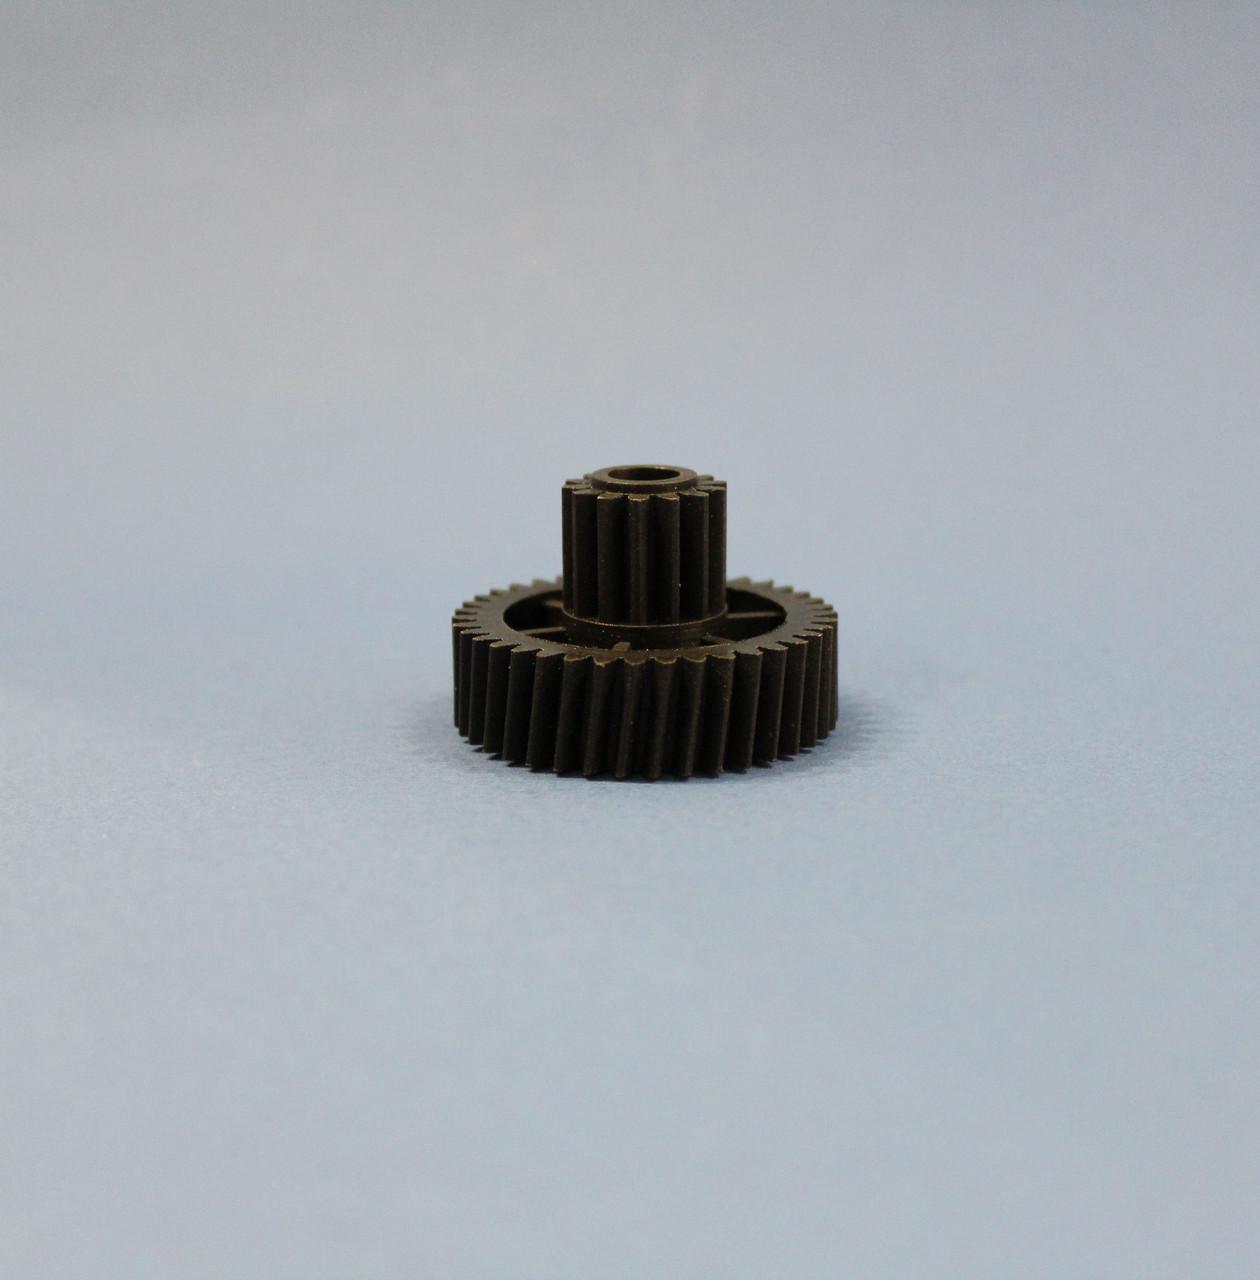 Шестерня редуктора для мясорубки Эльво 38/16 мм